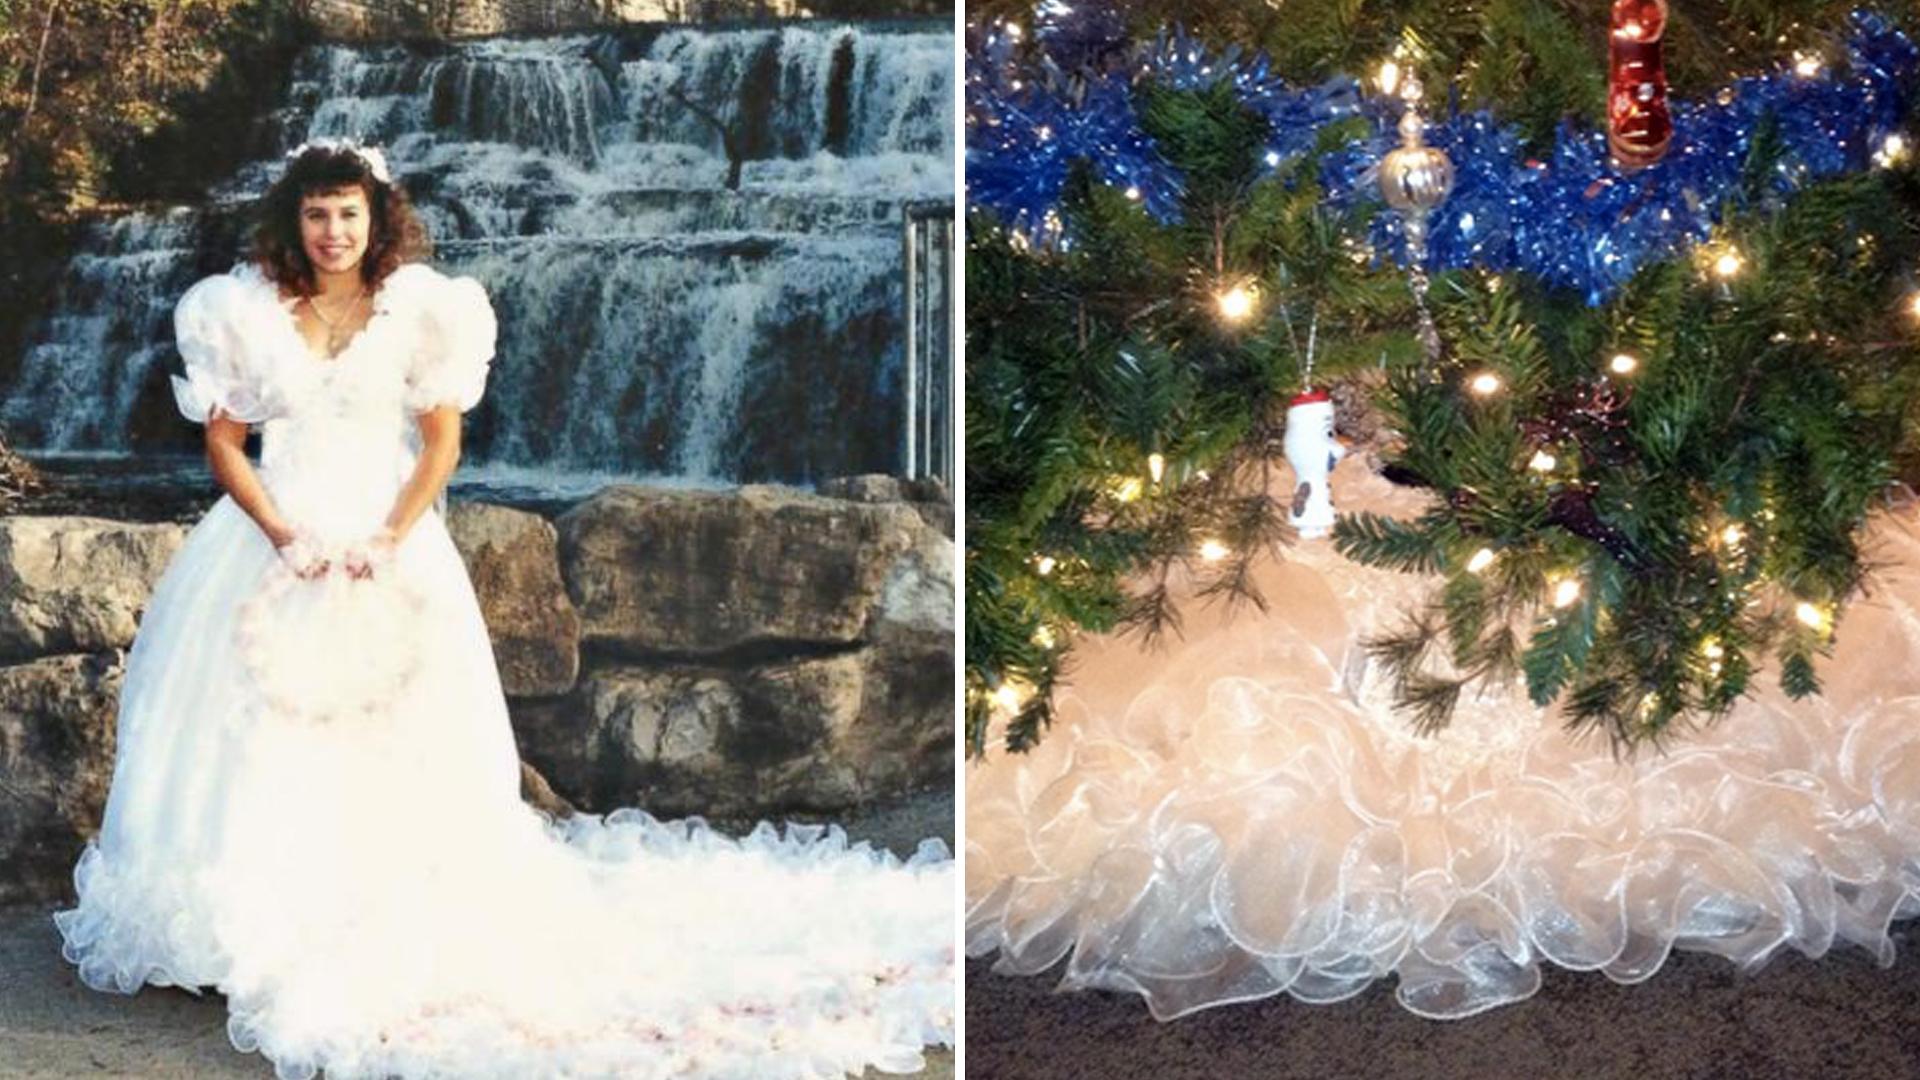 wedding-dress -tree-skirt-tsplittease-today-161216_d4cf8addab24bb7dab5f3aaca33aea0f.jpg